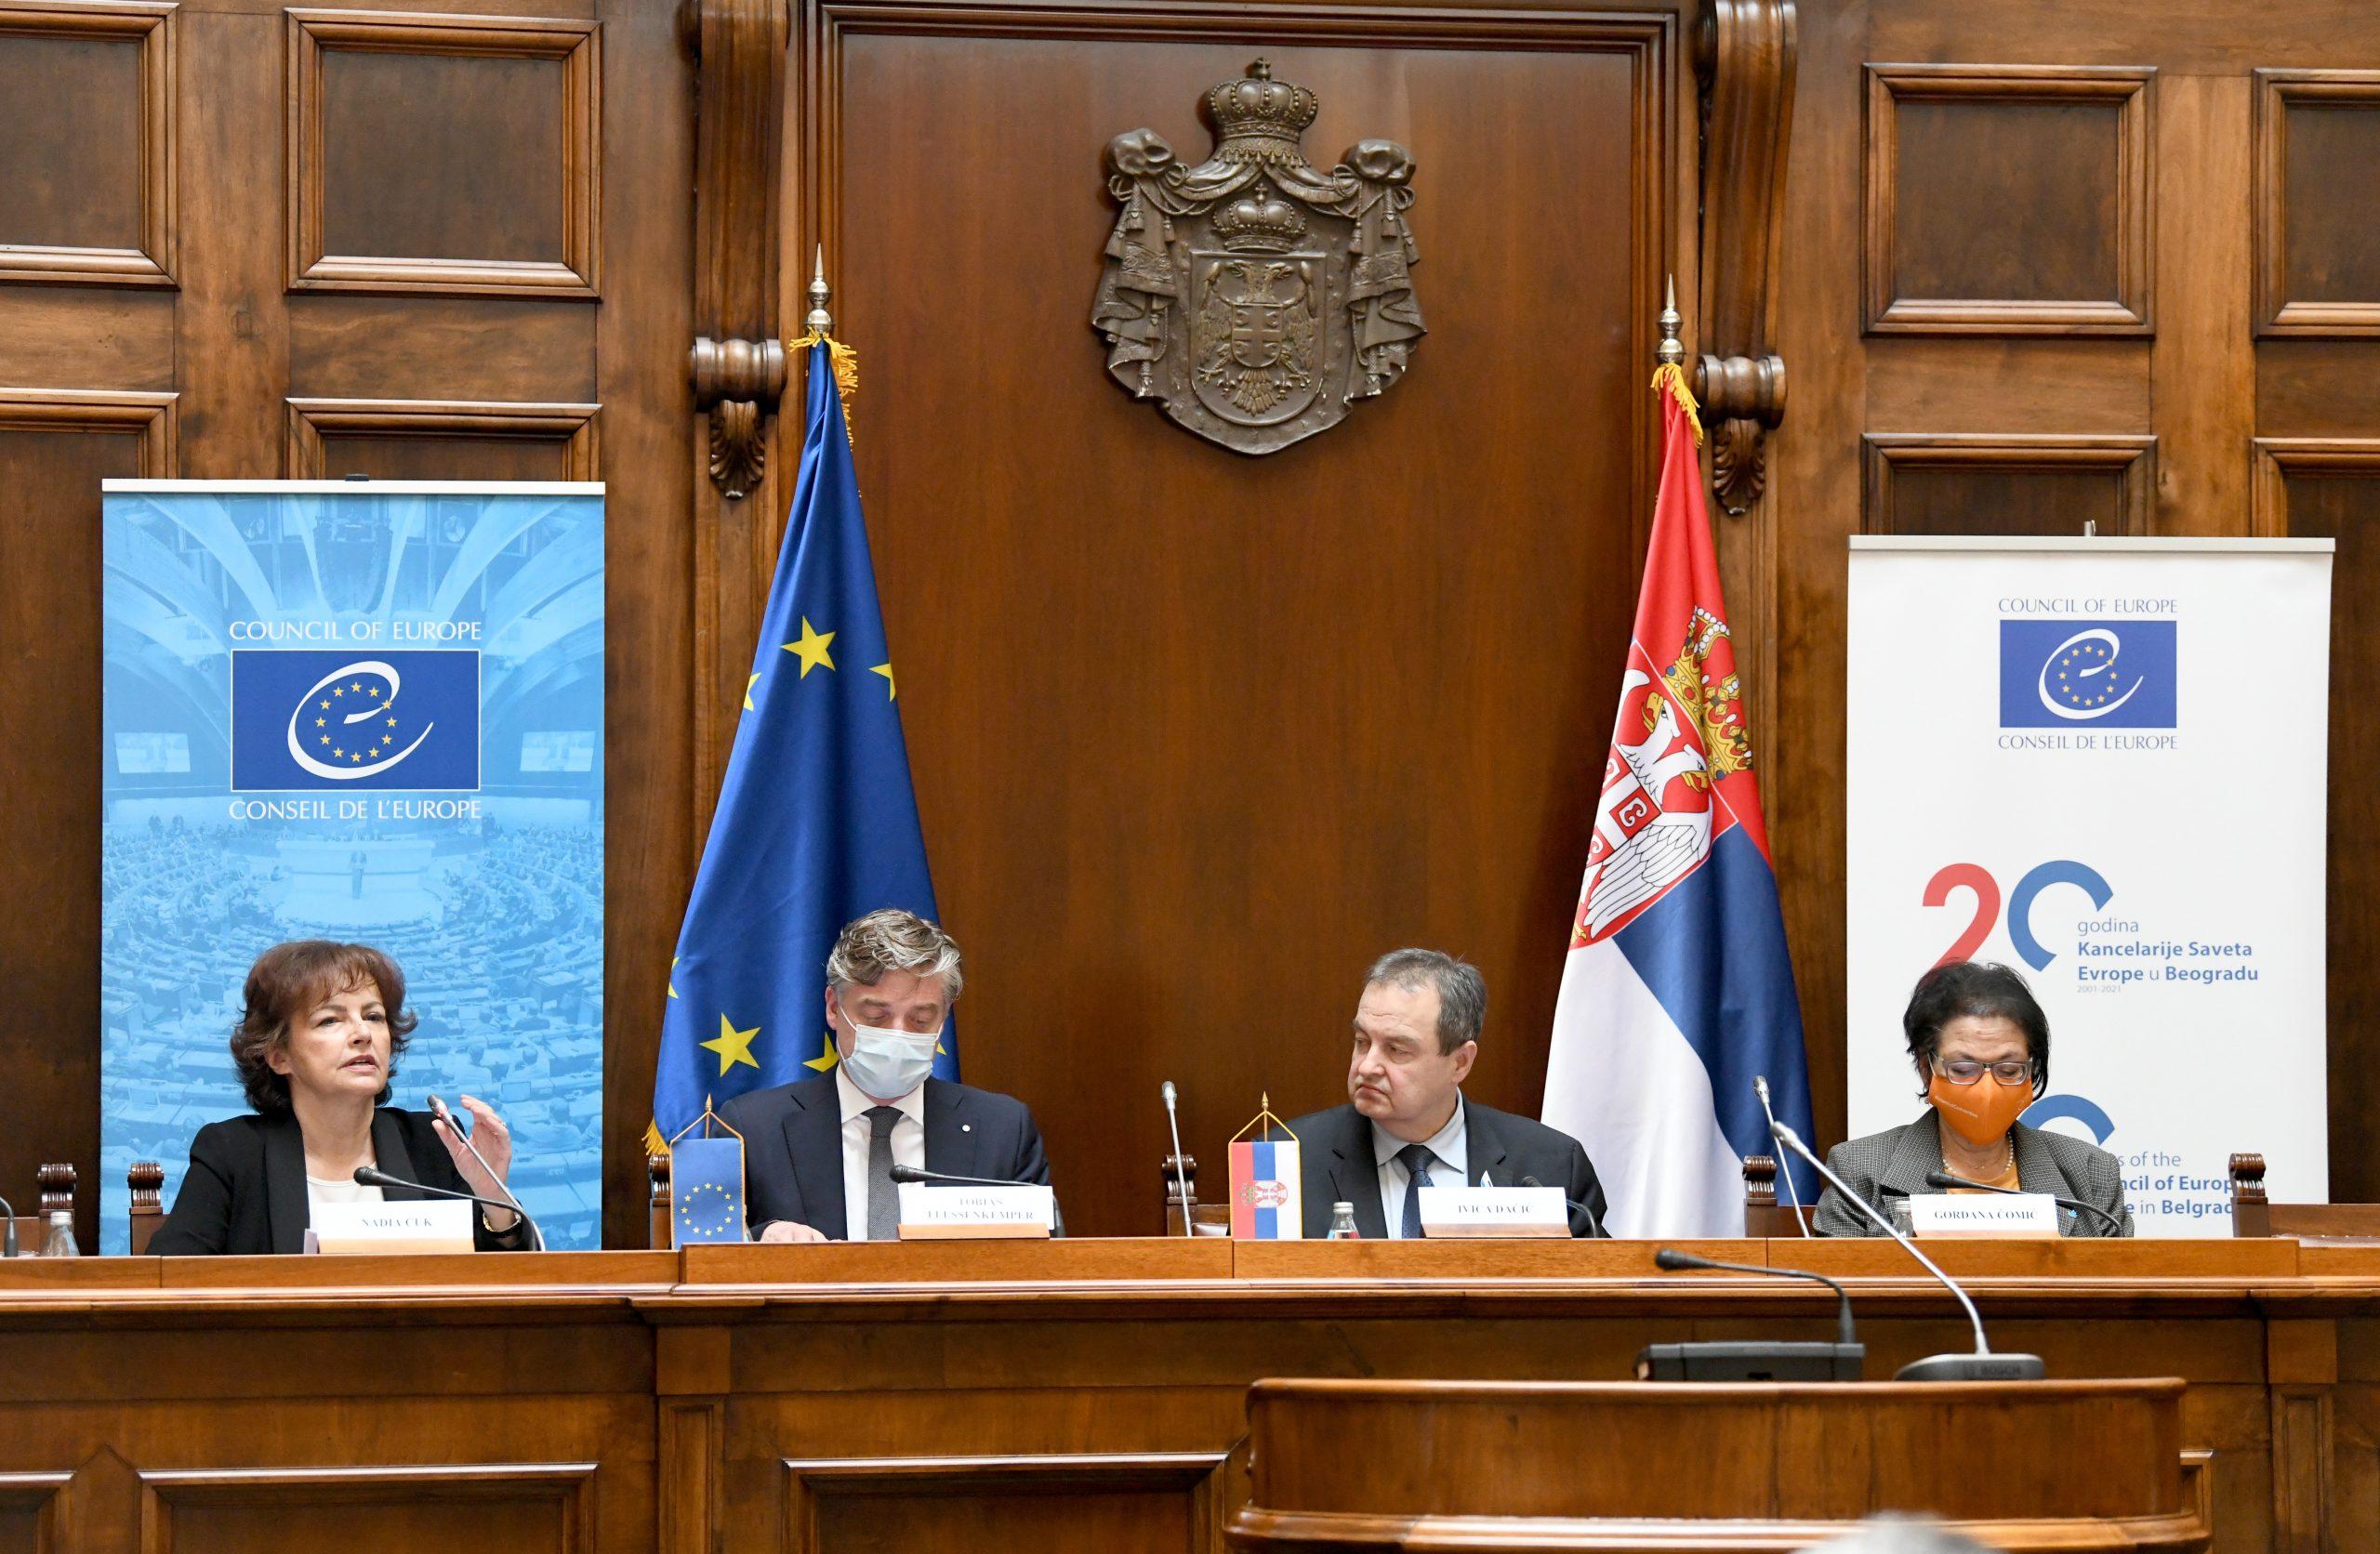 Kancelarija Saveta Evrope u Beogradu obeležila 20 godina postojanja 1